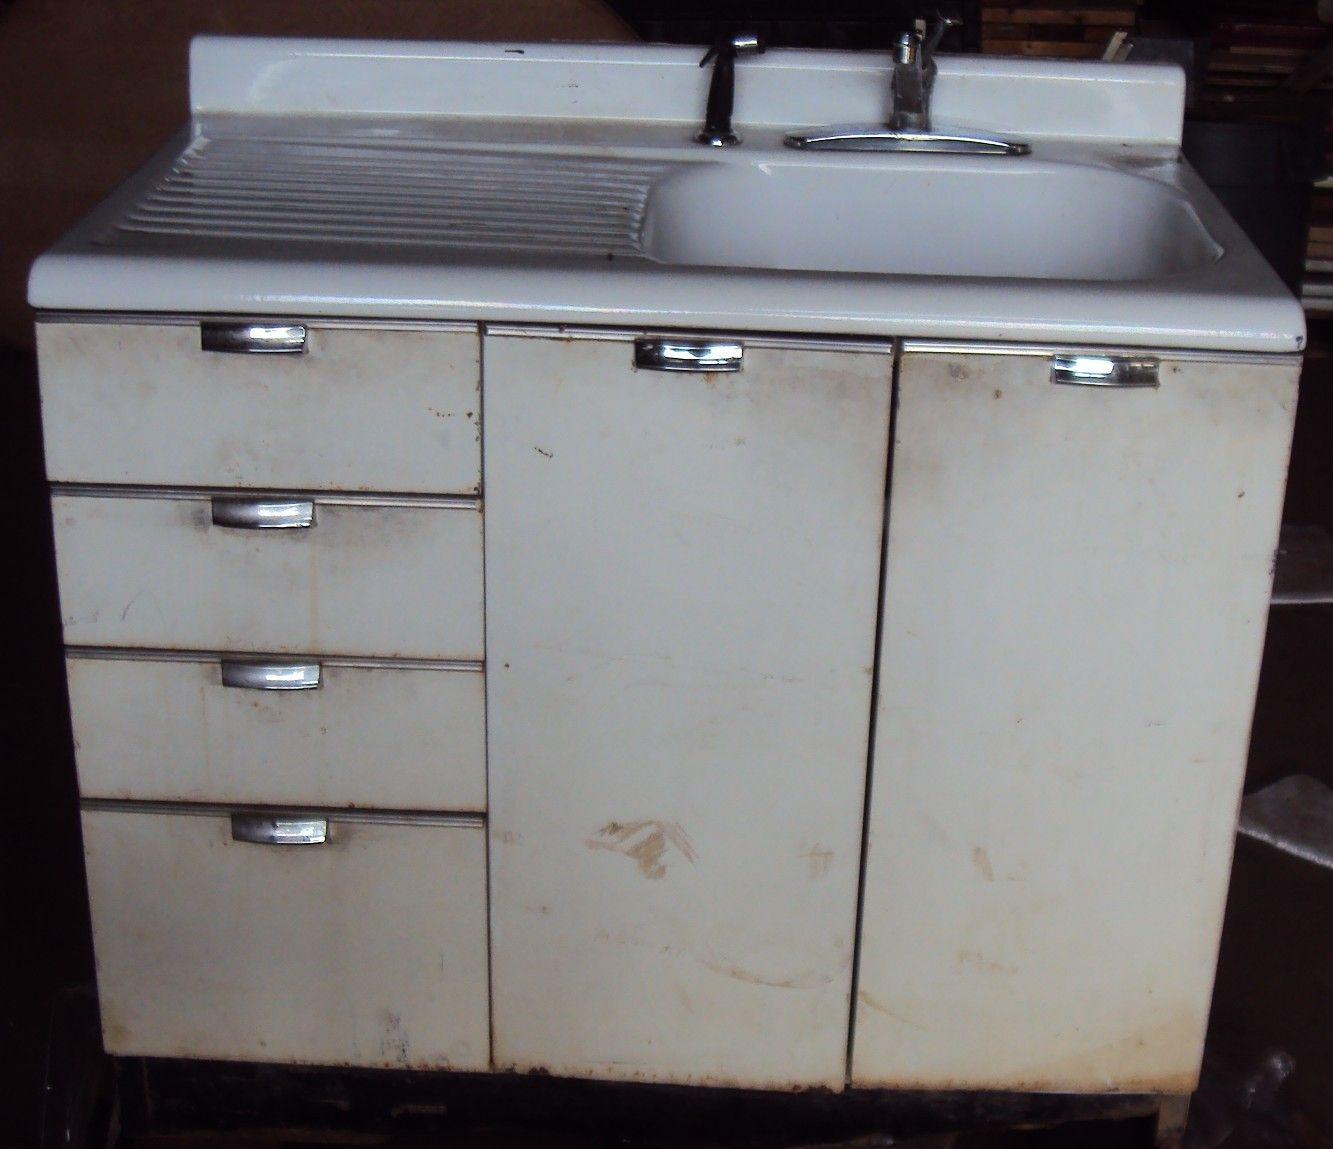 Vintage Kitchen Sink Cabinet Enamel Steel W Drawers Vintage Kitchen Sink Sink Cabinet Metal Kitchen Cabinets